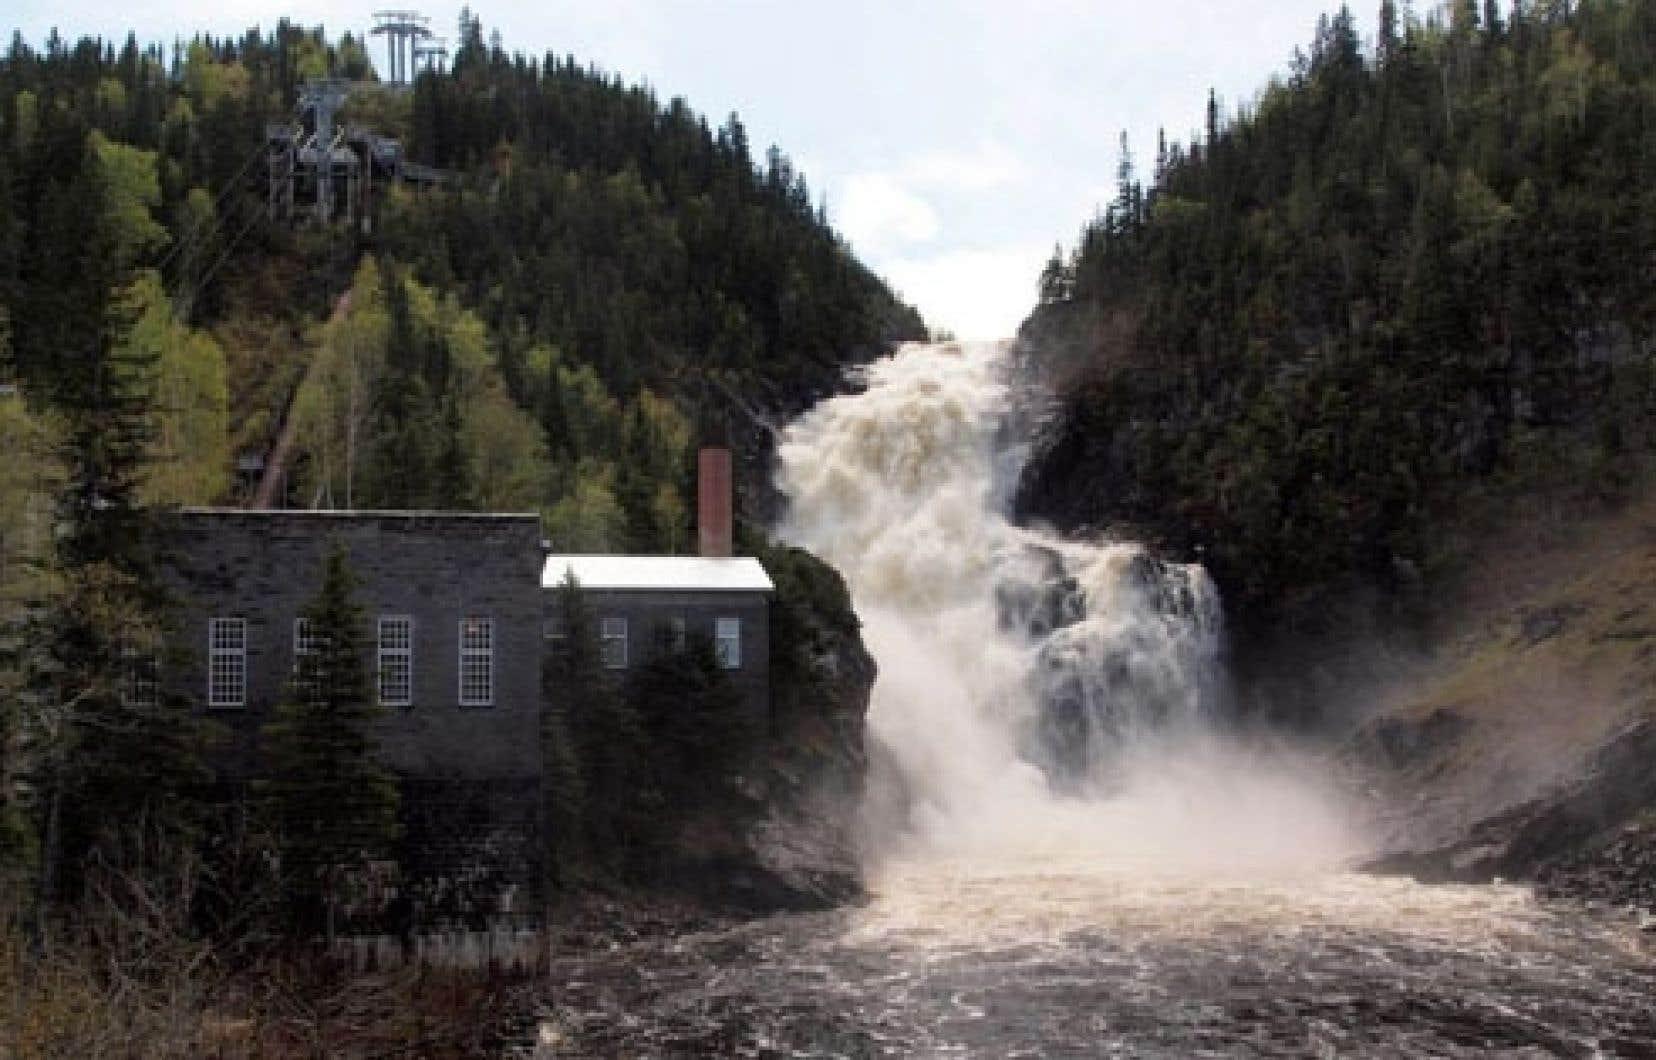 Même s'il a annulé six projets de petites centrales en invoquant des motifs économiques et environnementaux, le Parti québécois a répété mardi que celui prévu sur le site historique de Val-Jalbert ira bel et bien de l'avant.